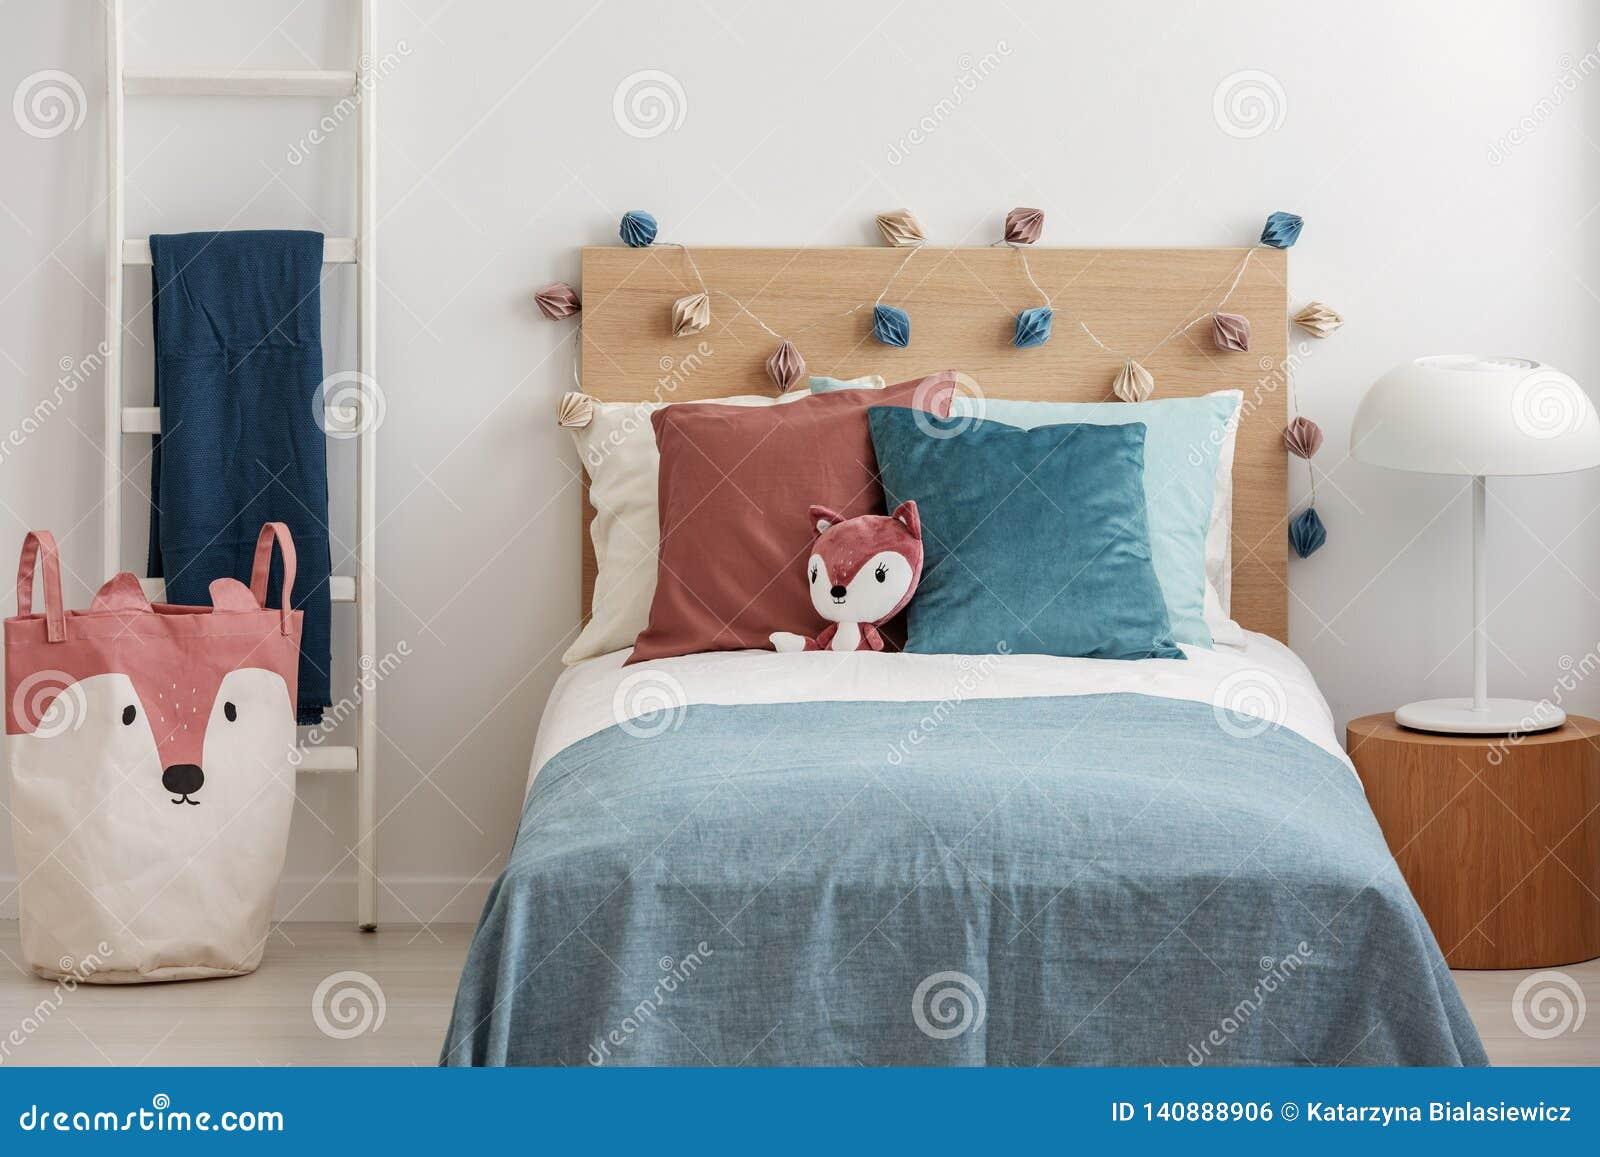 Αλεπού βελούδου στο κρεβάτι καψαλισμάτων με τα ζωηρόχρωμα μαξιλάρια και duvet